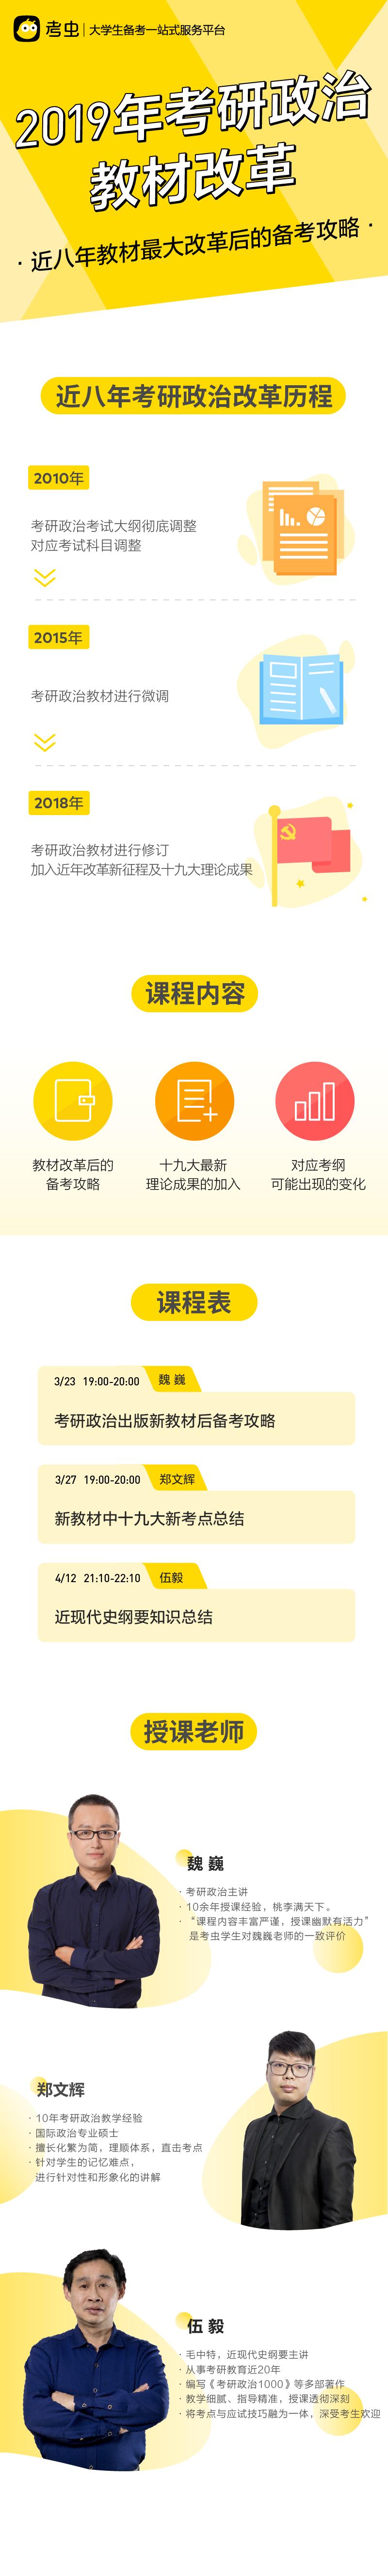 2018-3 考研政治教材改革-01.png